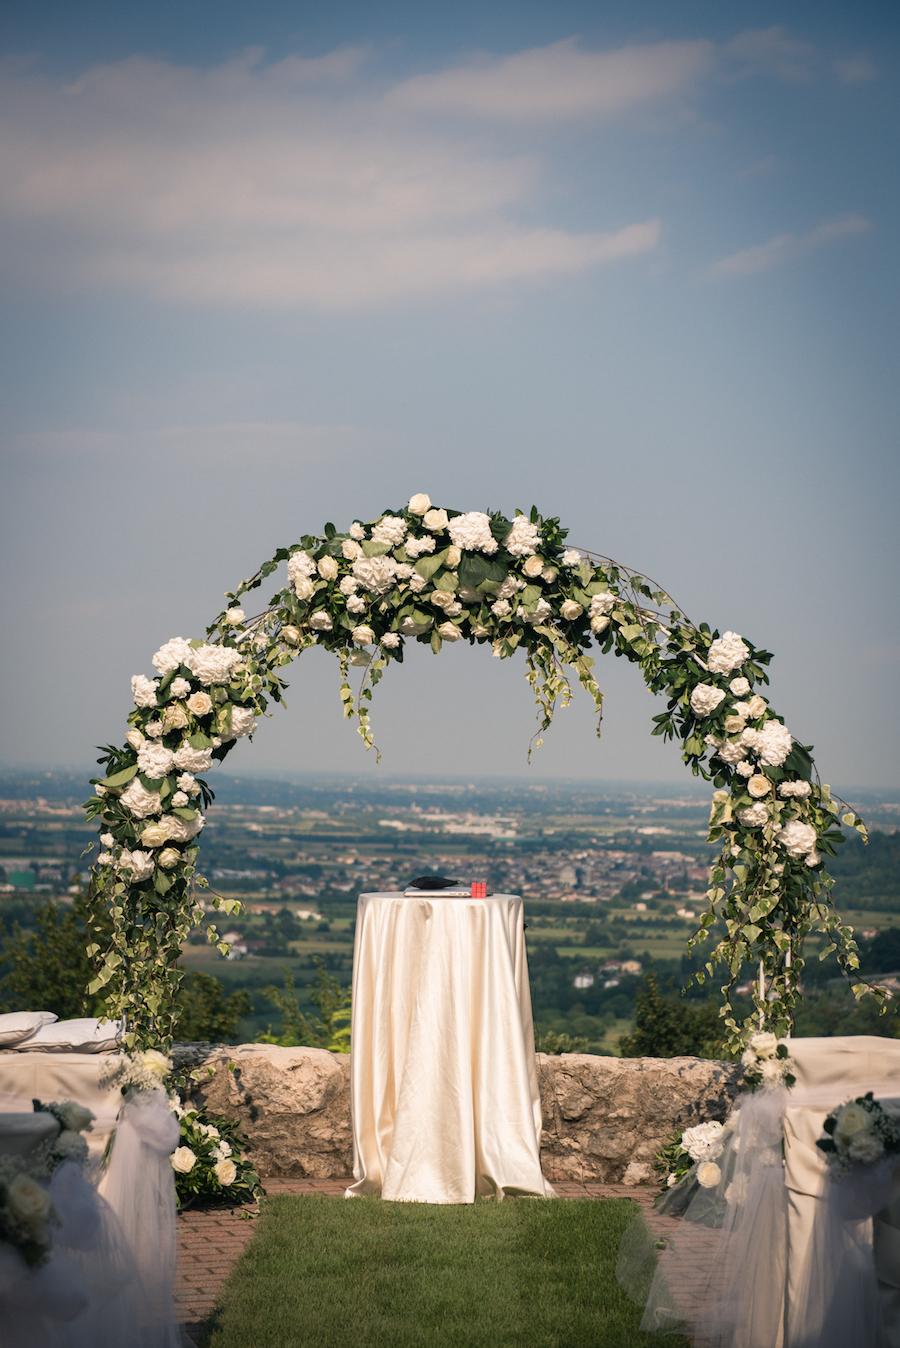 matrimonio-bilingue-con-rito-simbolico-selene-pozzer-11a